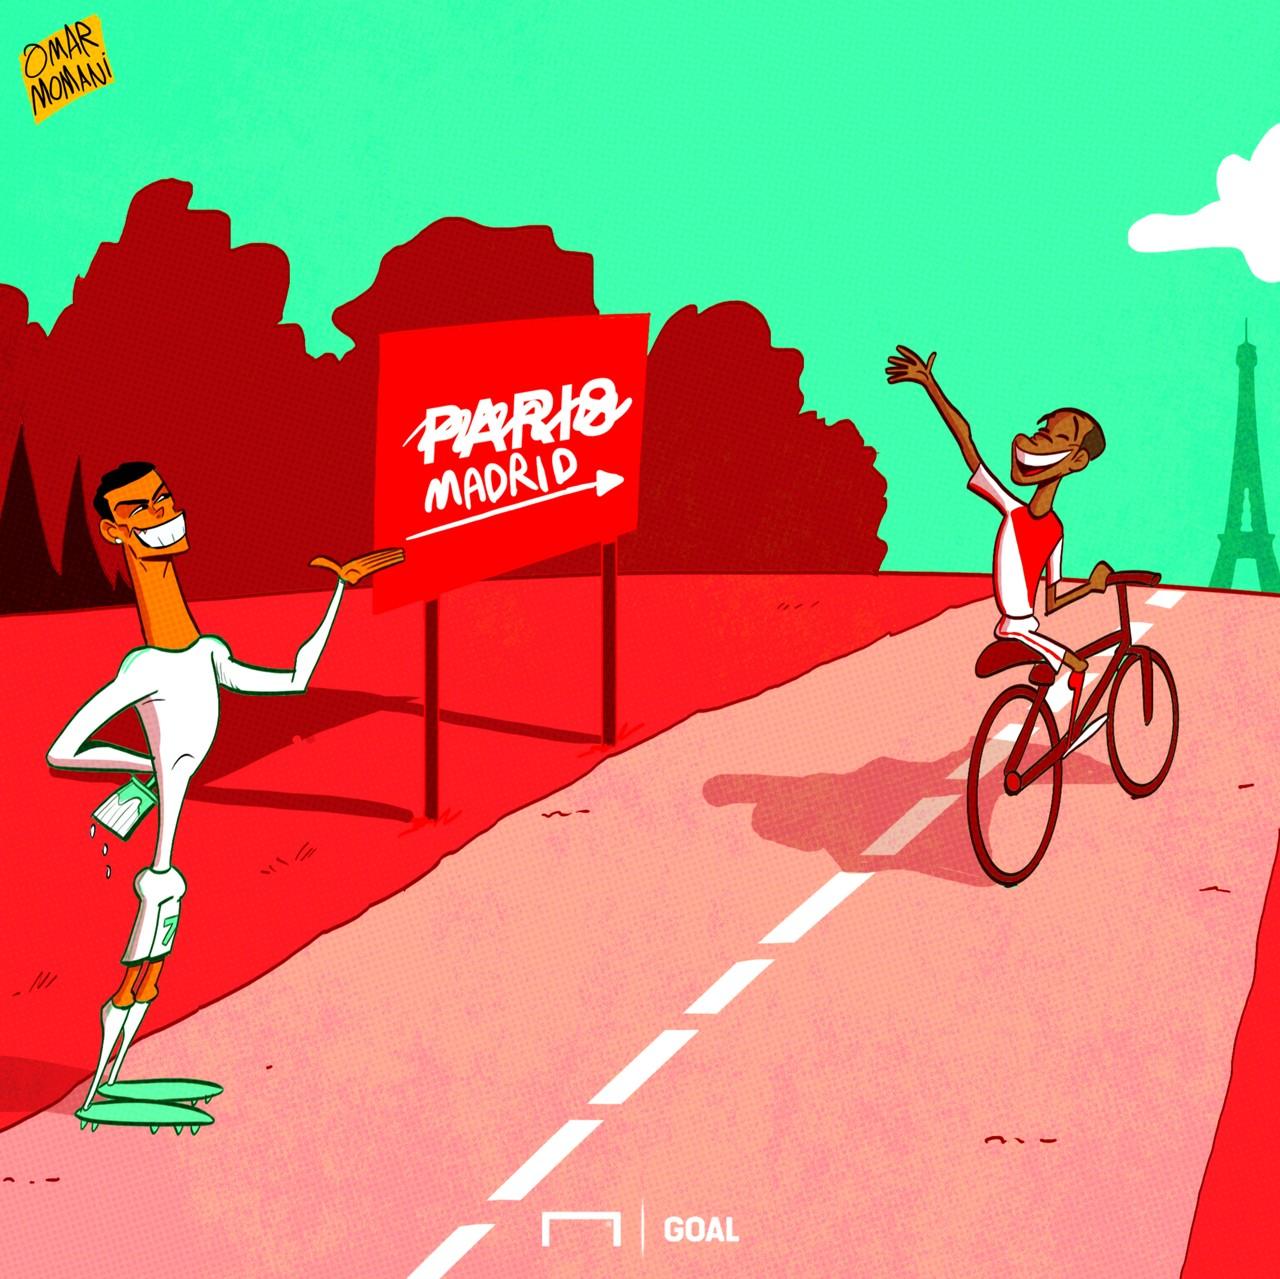 Cristiano Ronaldo Kylian Mbappe Cartoon